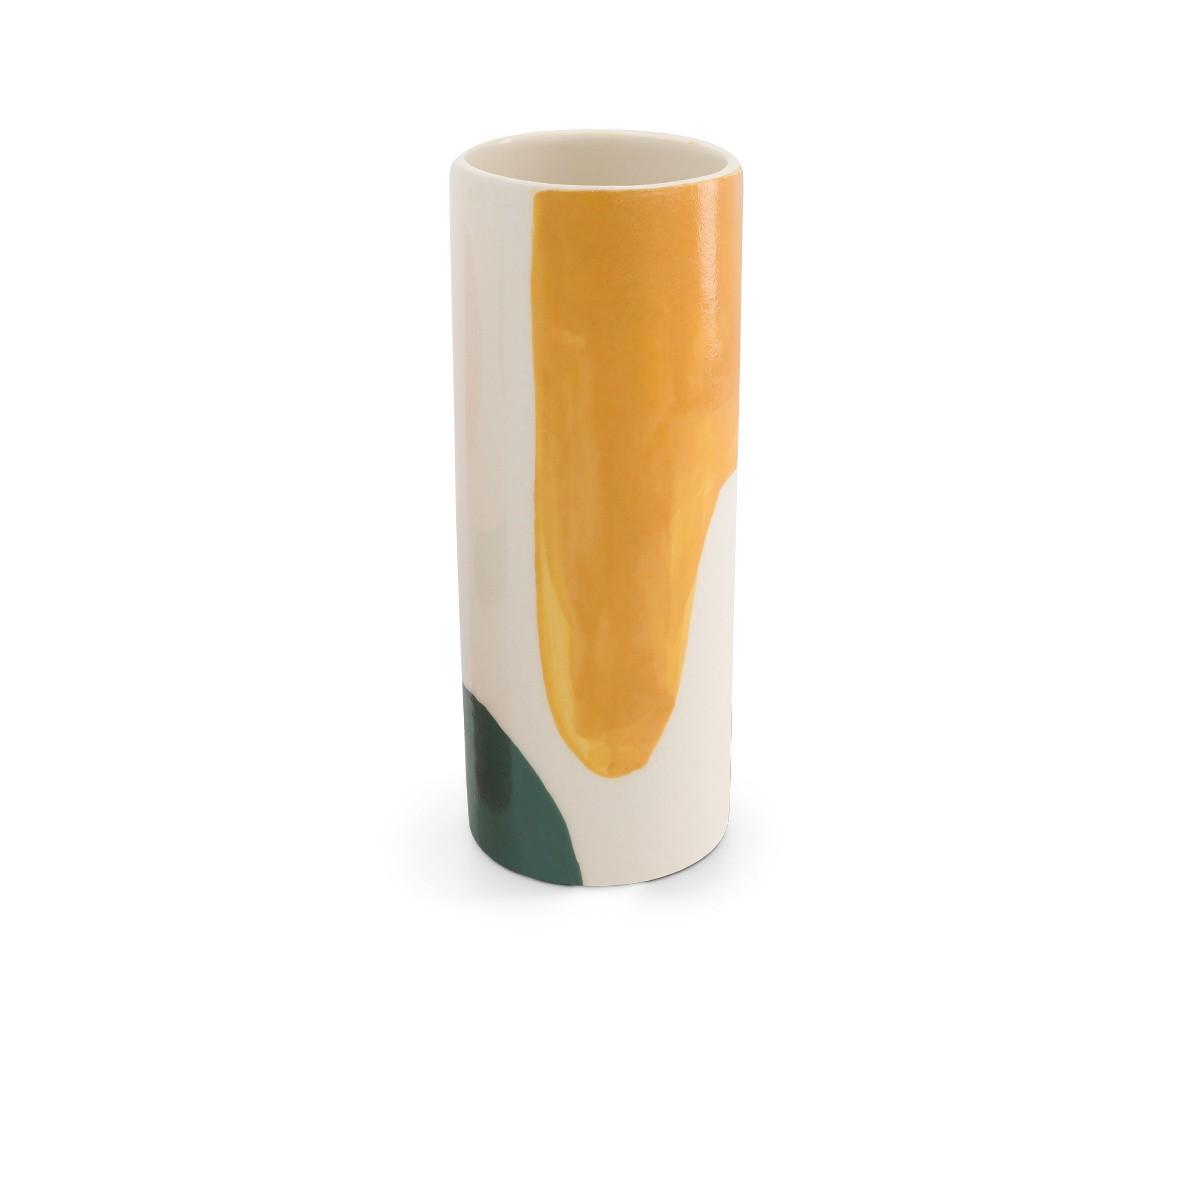 Pot Domino grand modèle motif vert et moutarde